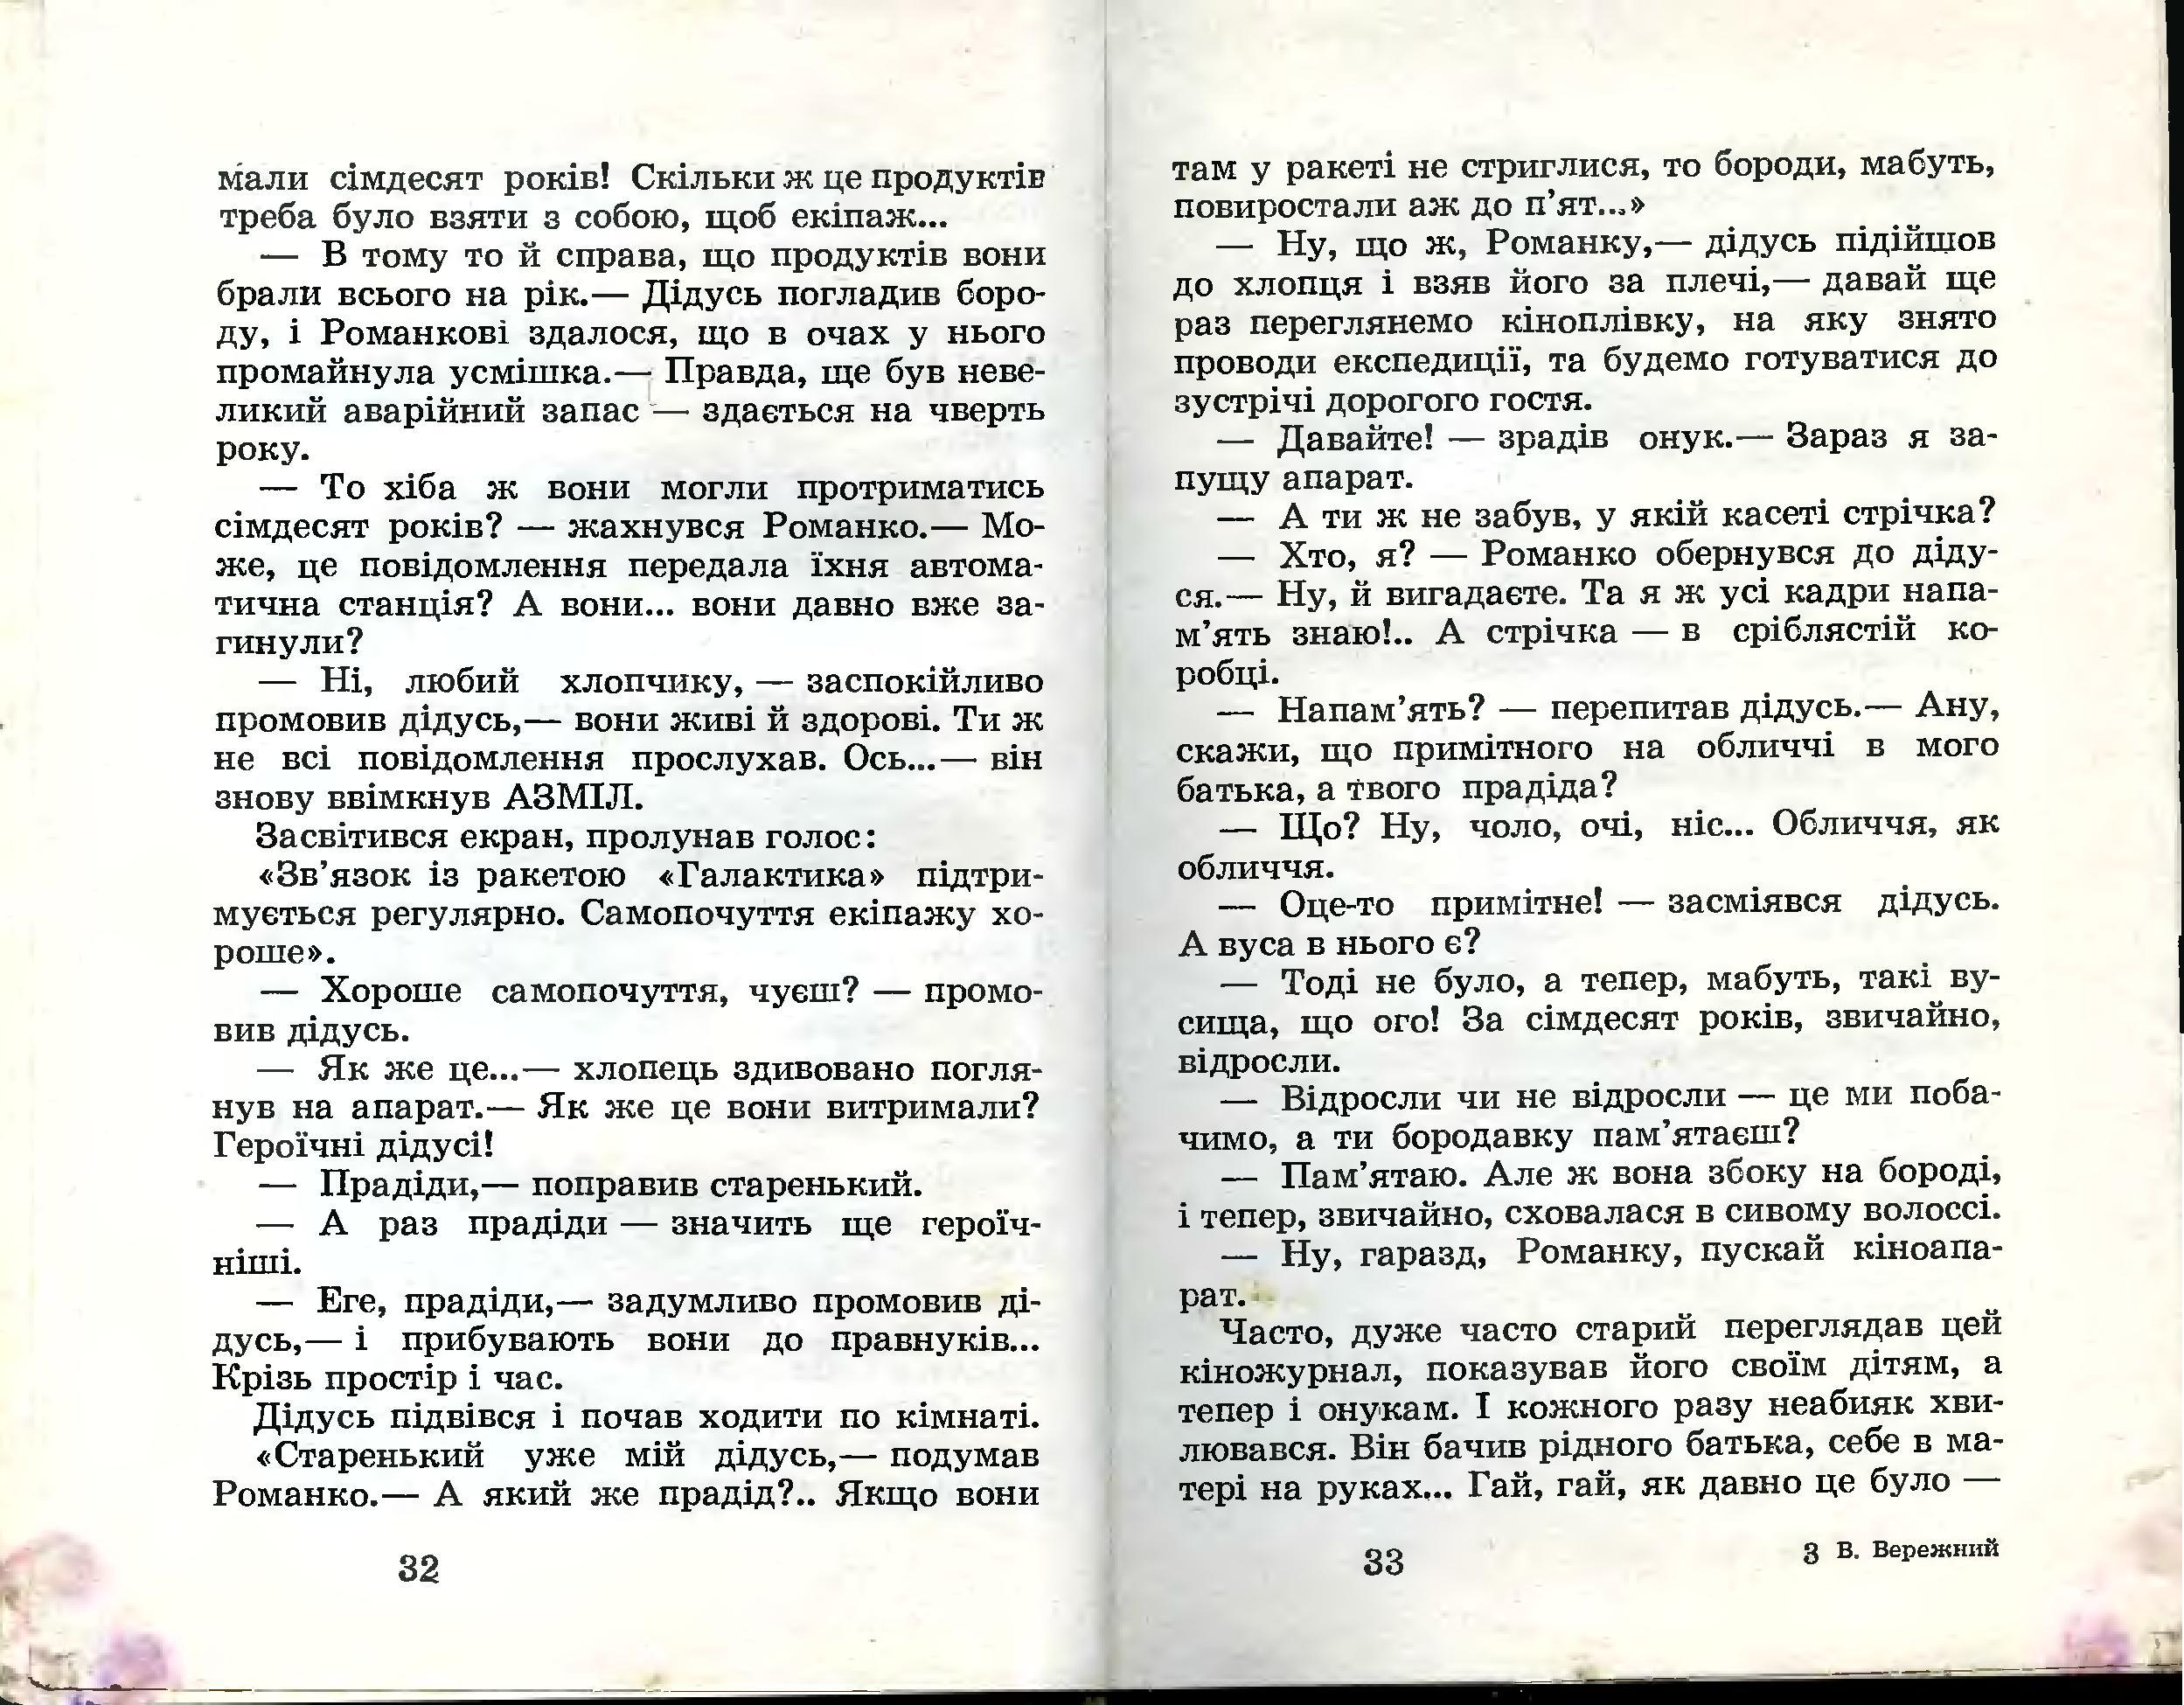 Бережний Василь - Повернення «Галактики» 4.jpg